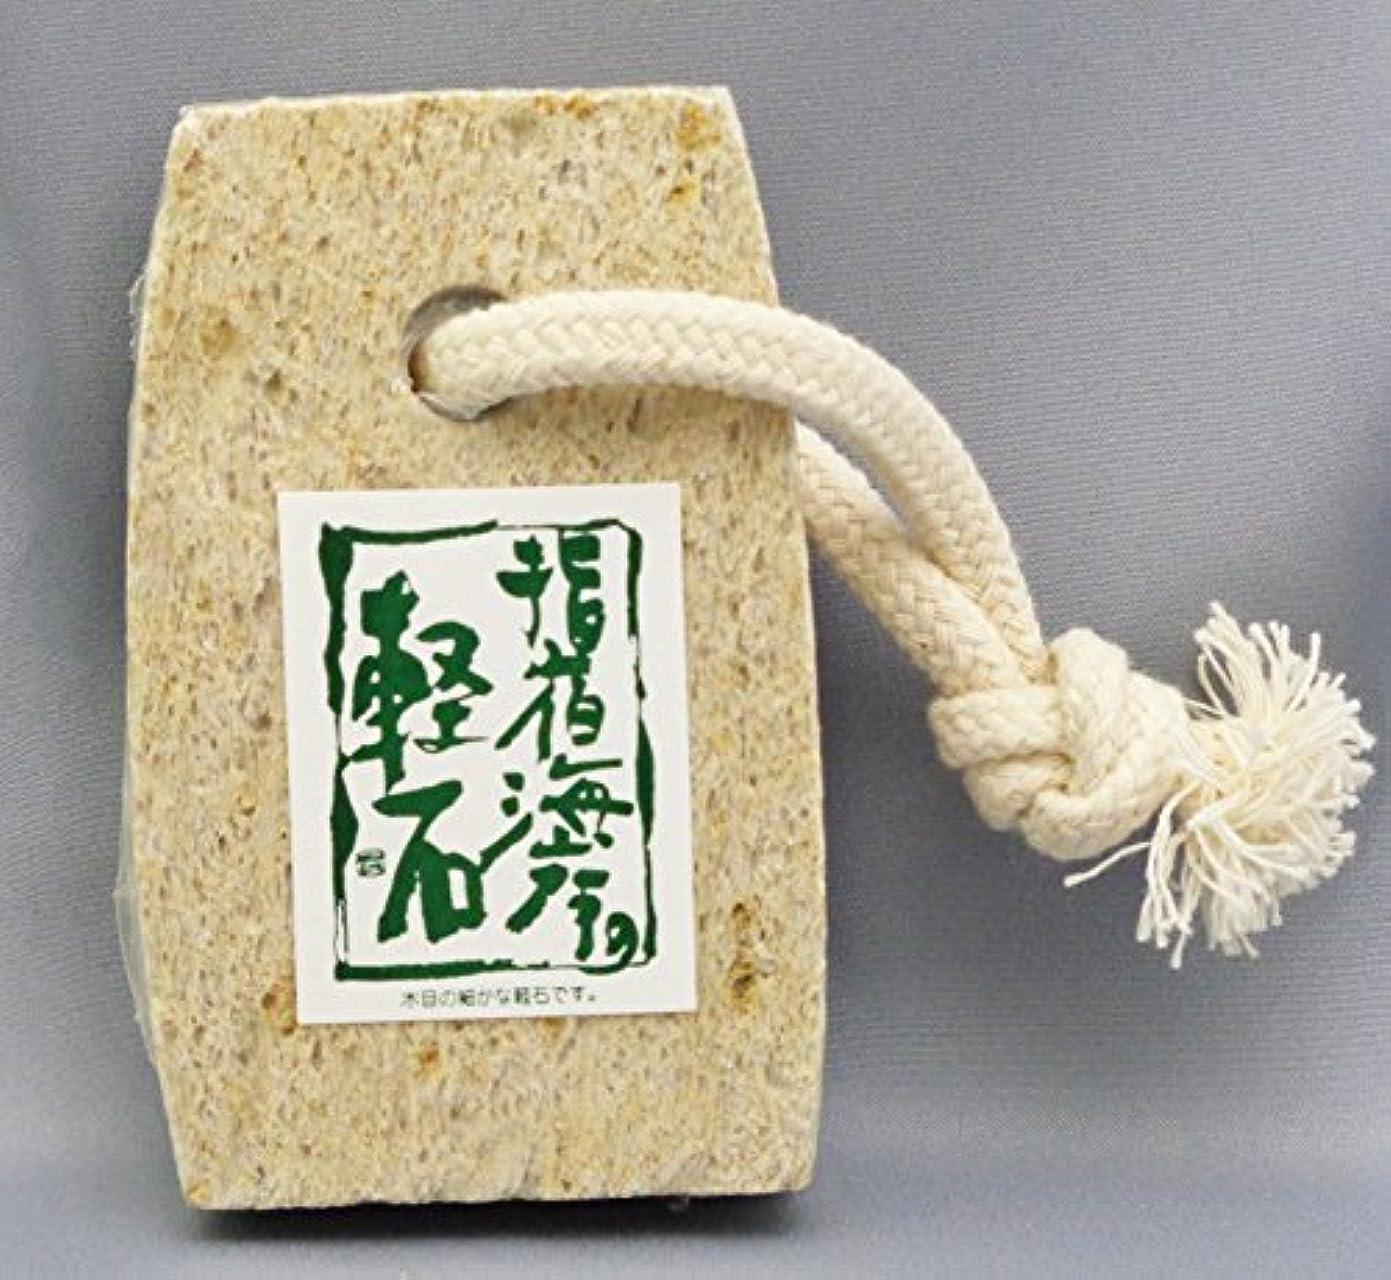 上げる校長続編シオザキ No.3 中判軽石 (ヒモ付き)指宿の軽石